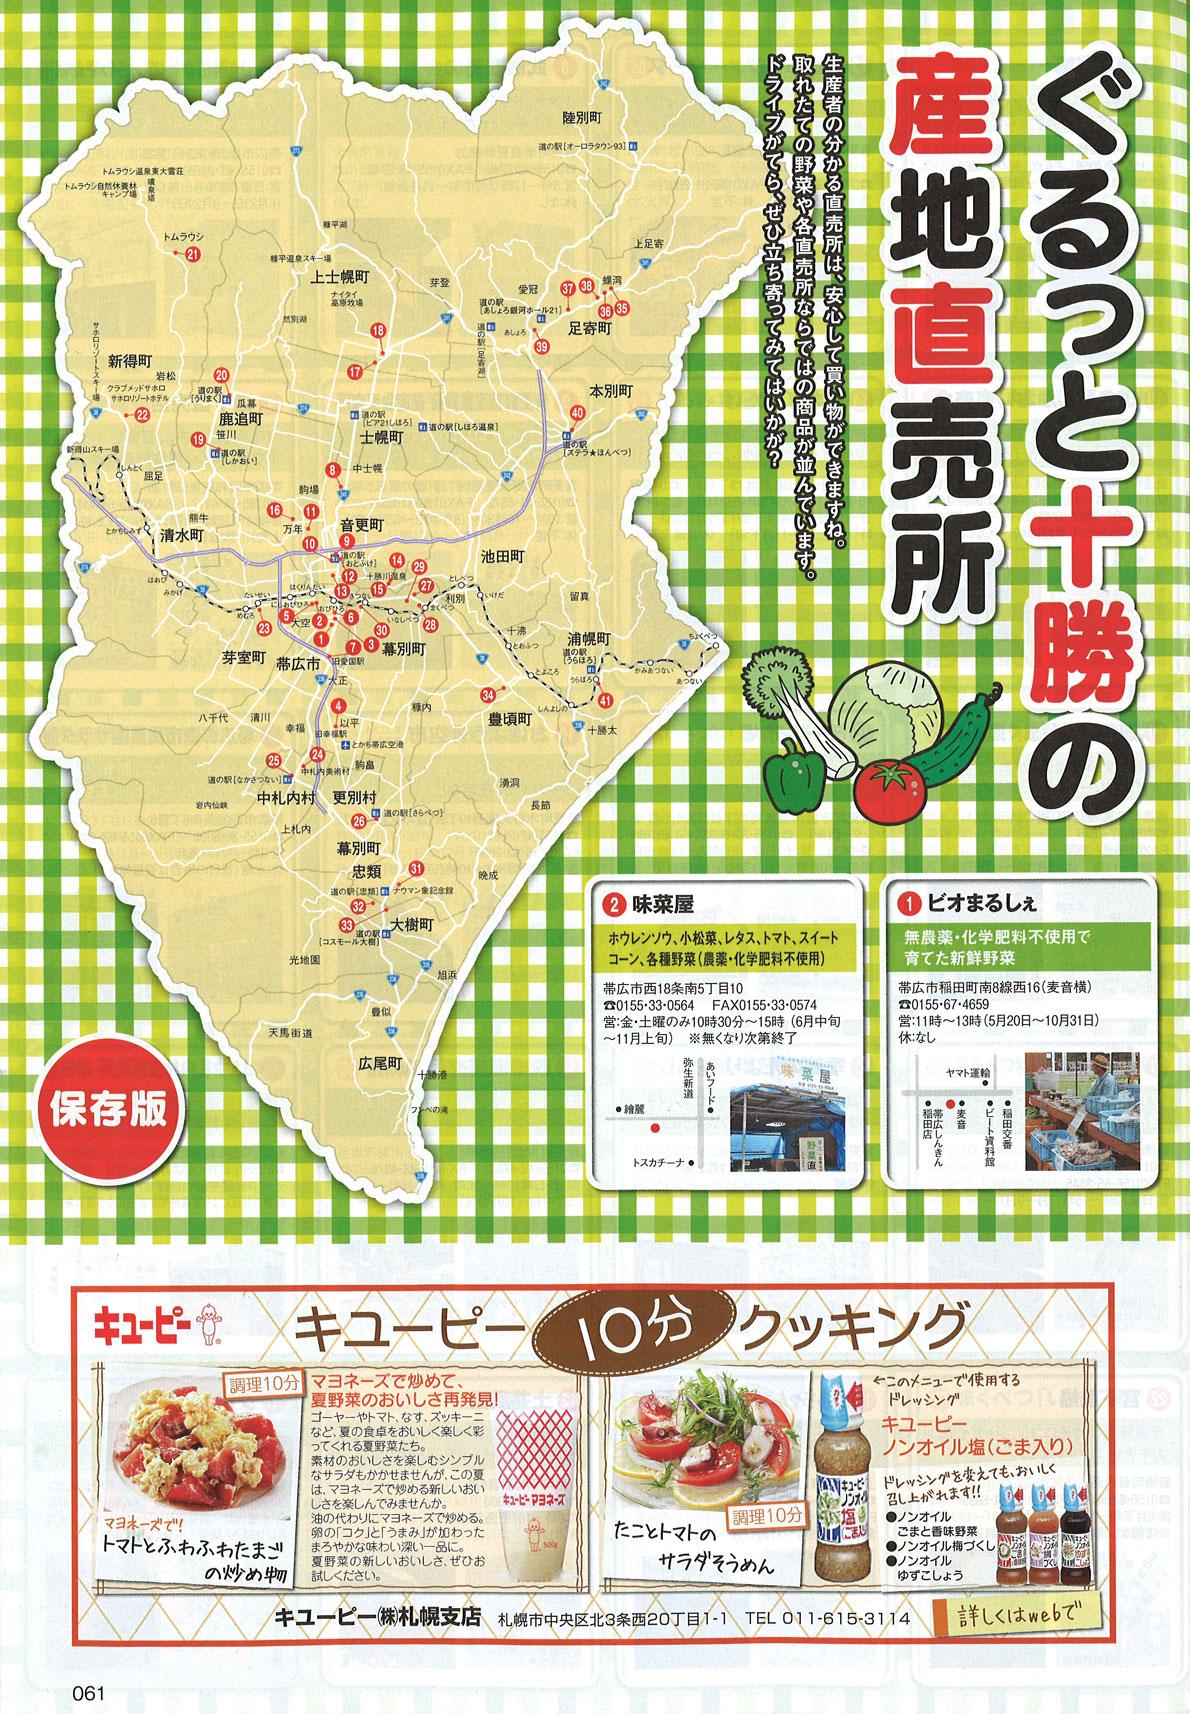 十勝の野菜直売所1